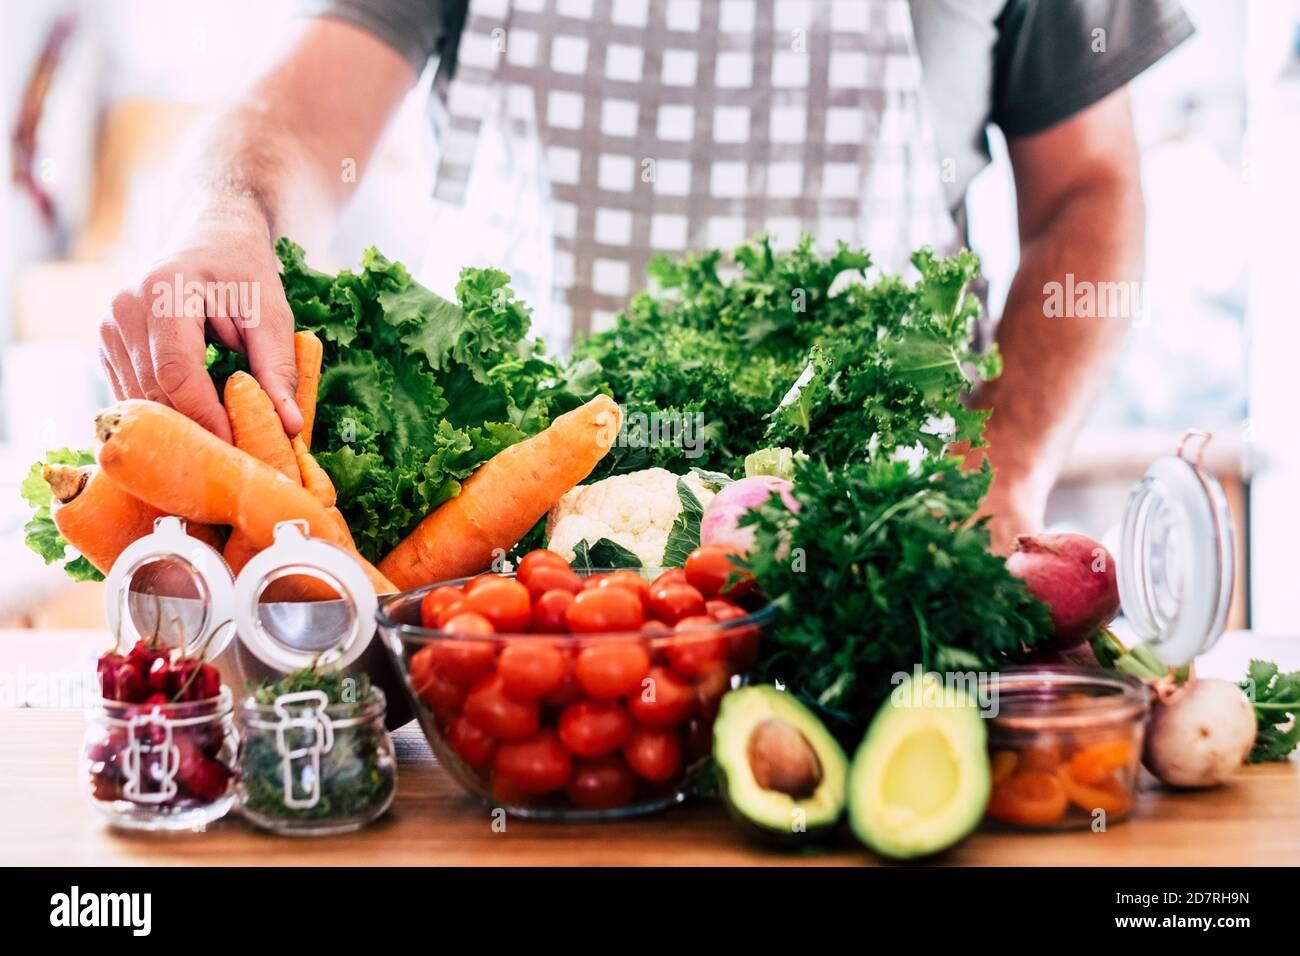 Homme adulte méconnaissable avec beaucoup de légumes sur la table - repas de saison de couleur et fruits pour végétarien ou les gens vegan - vie saine Banque D'Images